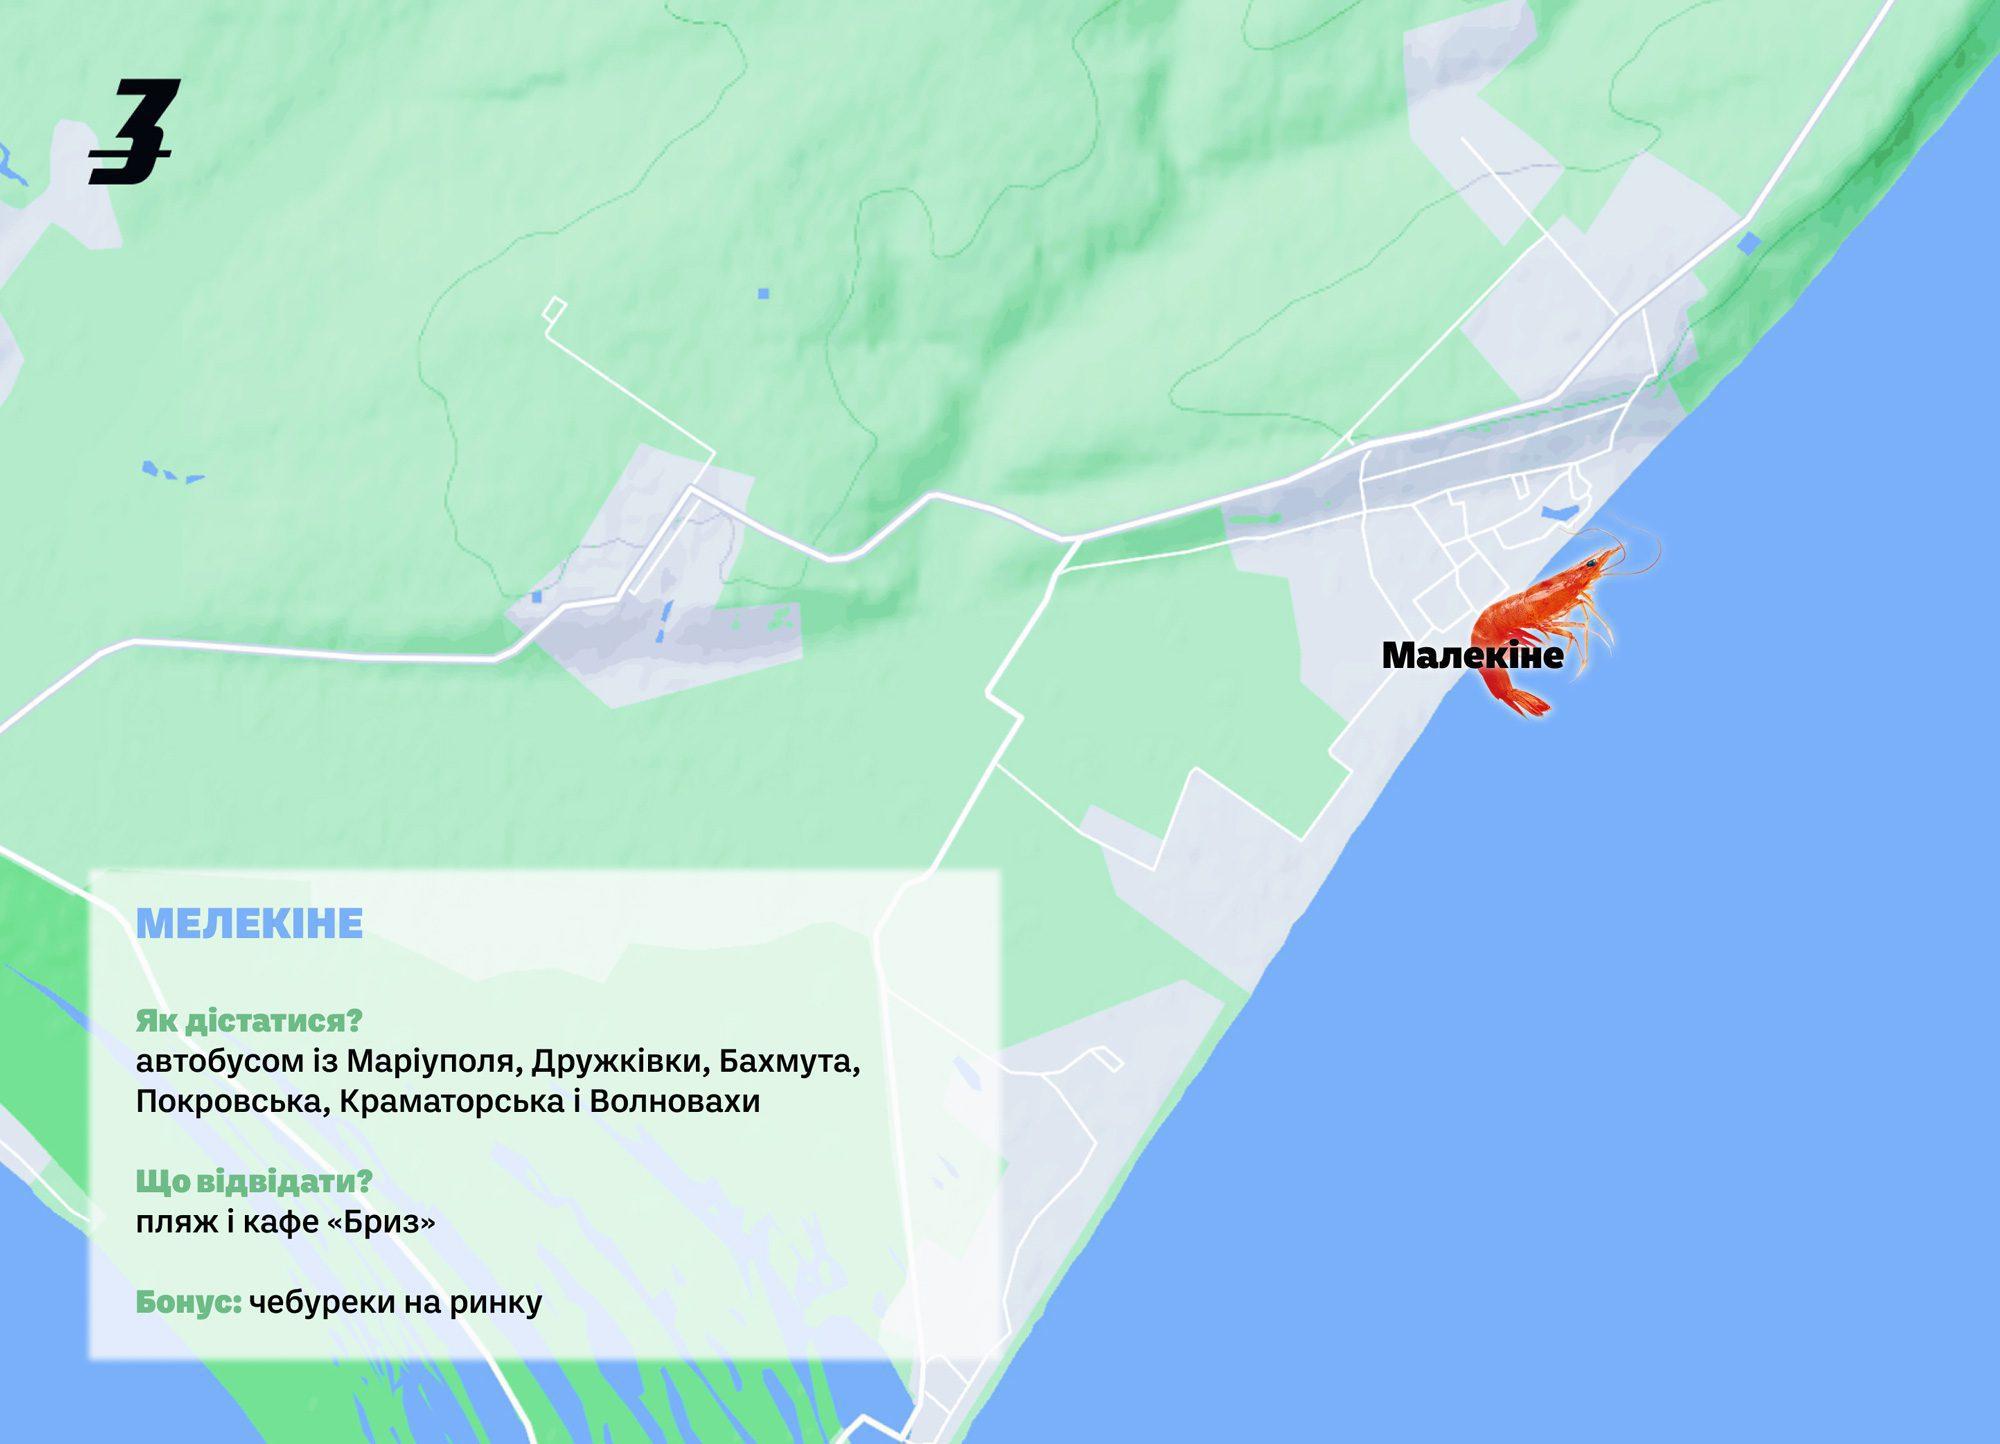 tourism in donbas malekino - <b>Каякінг, вечірки в Маріуполі та дикий кемпінг.</b> Куди поїхати відпочивати на Донеччині - Заборона